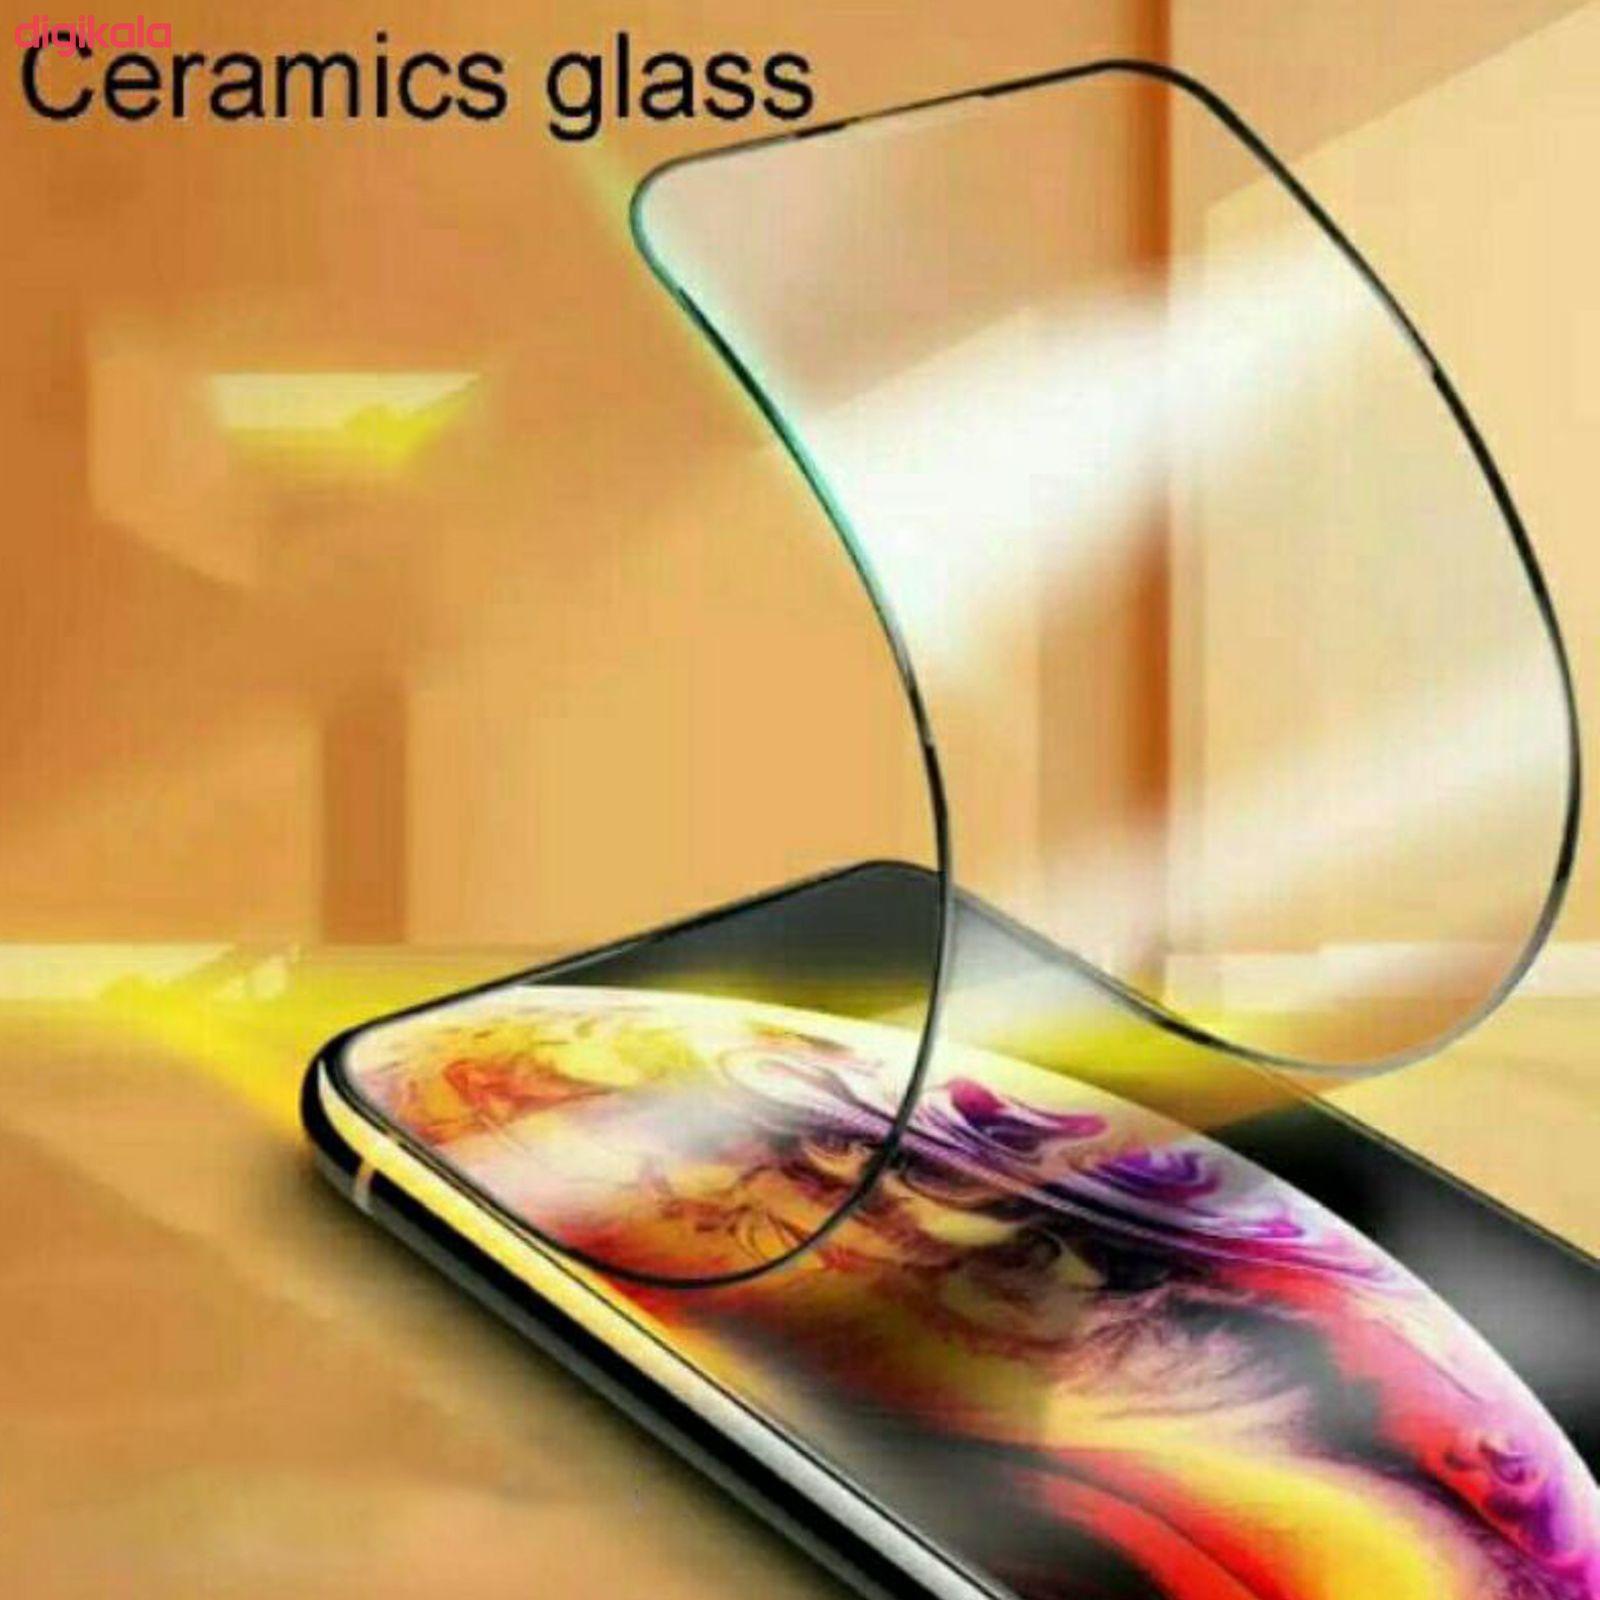 محافظ صفحه نمایش سرامیکی اسپایدر مدل CER-CL مناسب برای گوشی موبایل سامسونگ Galaxy M30S main 1 2